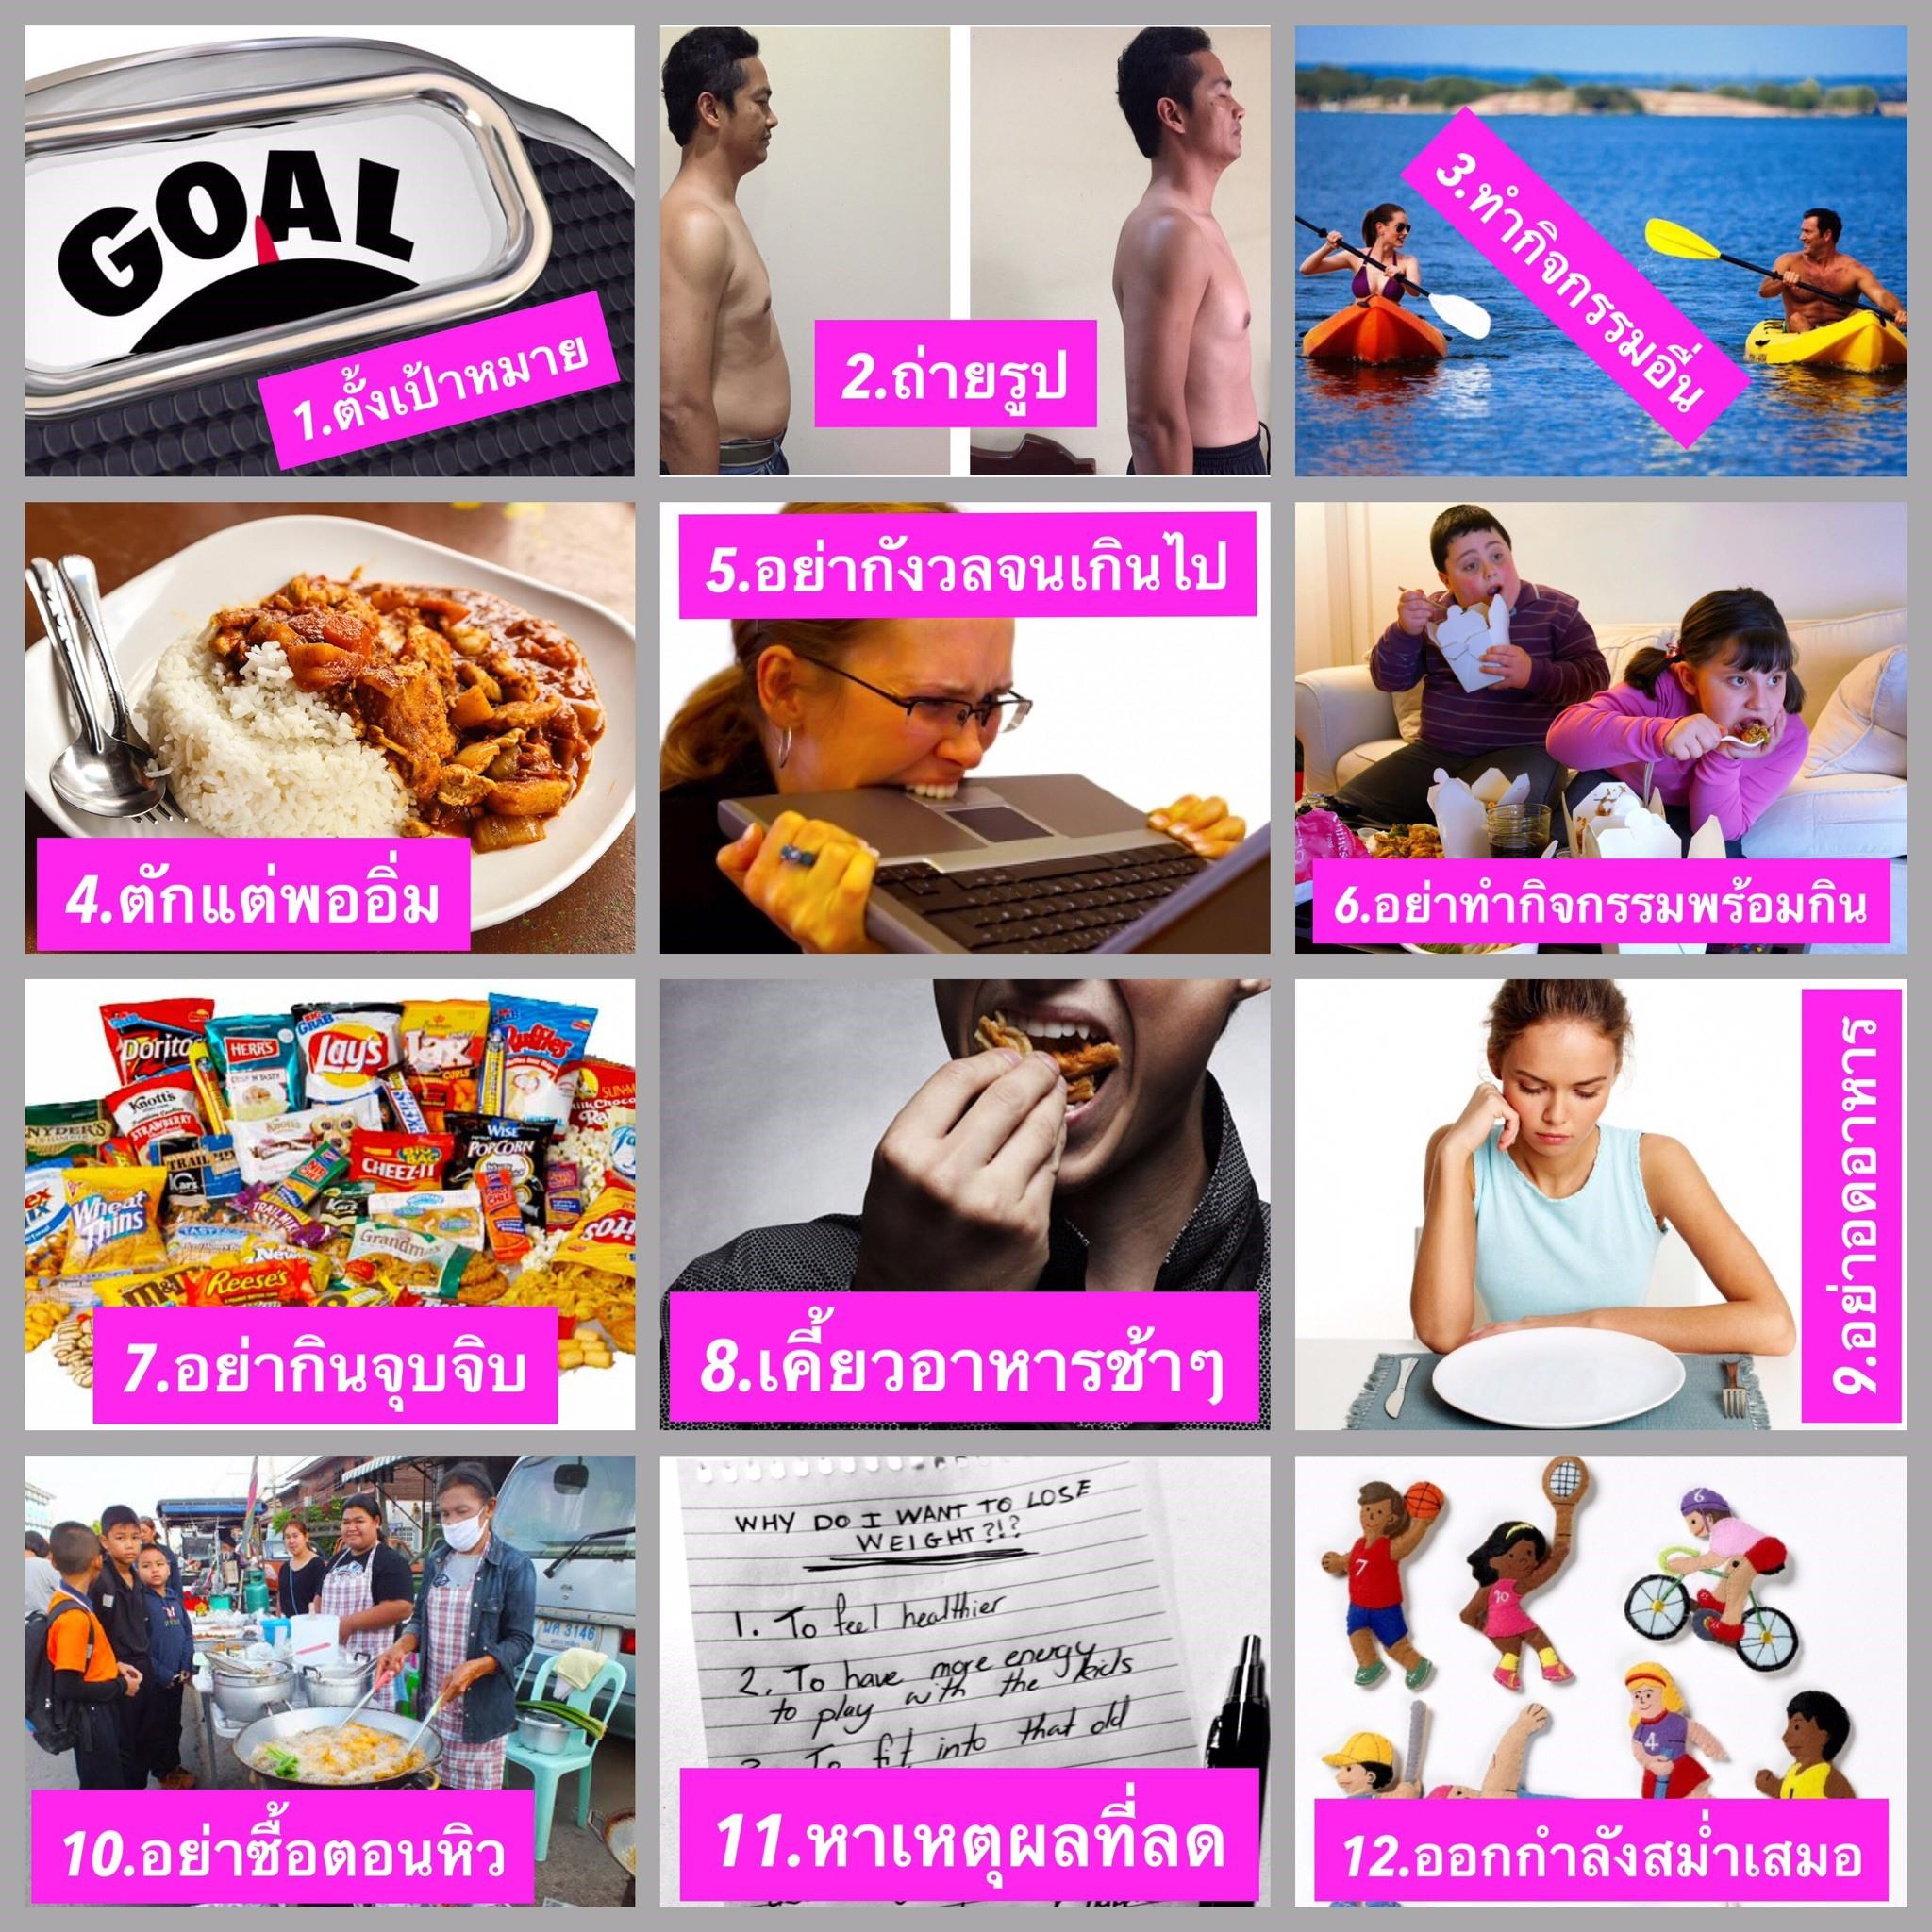 12 เคล็ดไม่ลับ ของการลดน้ำหนัก